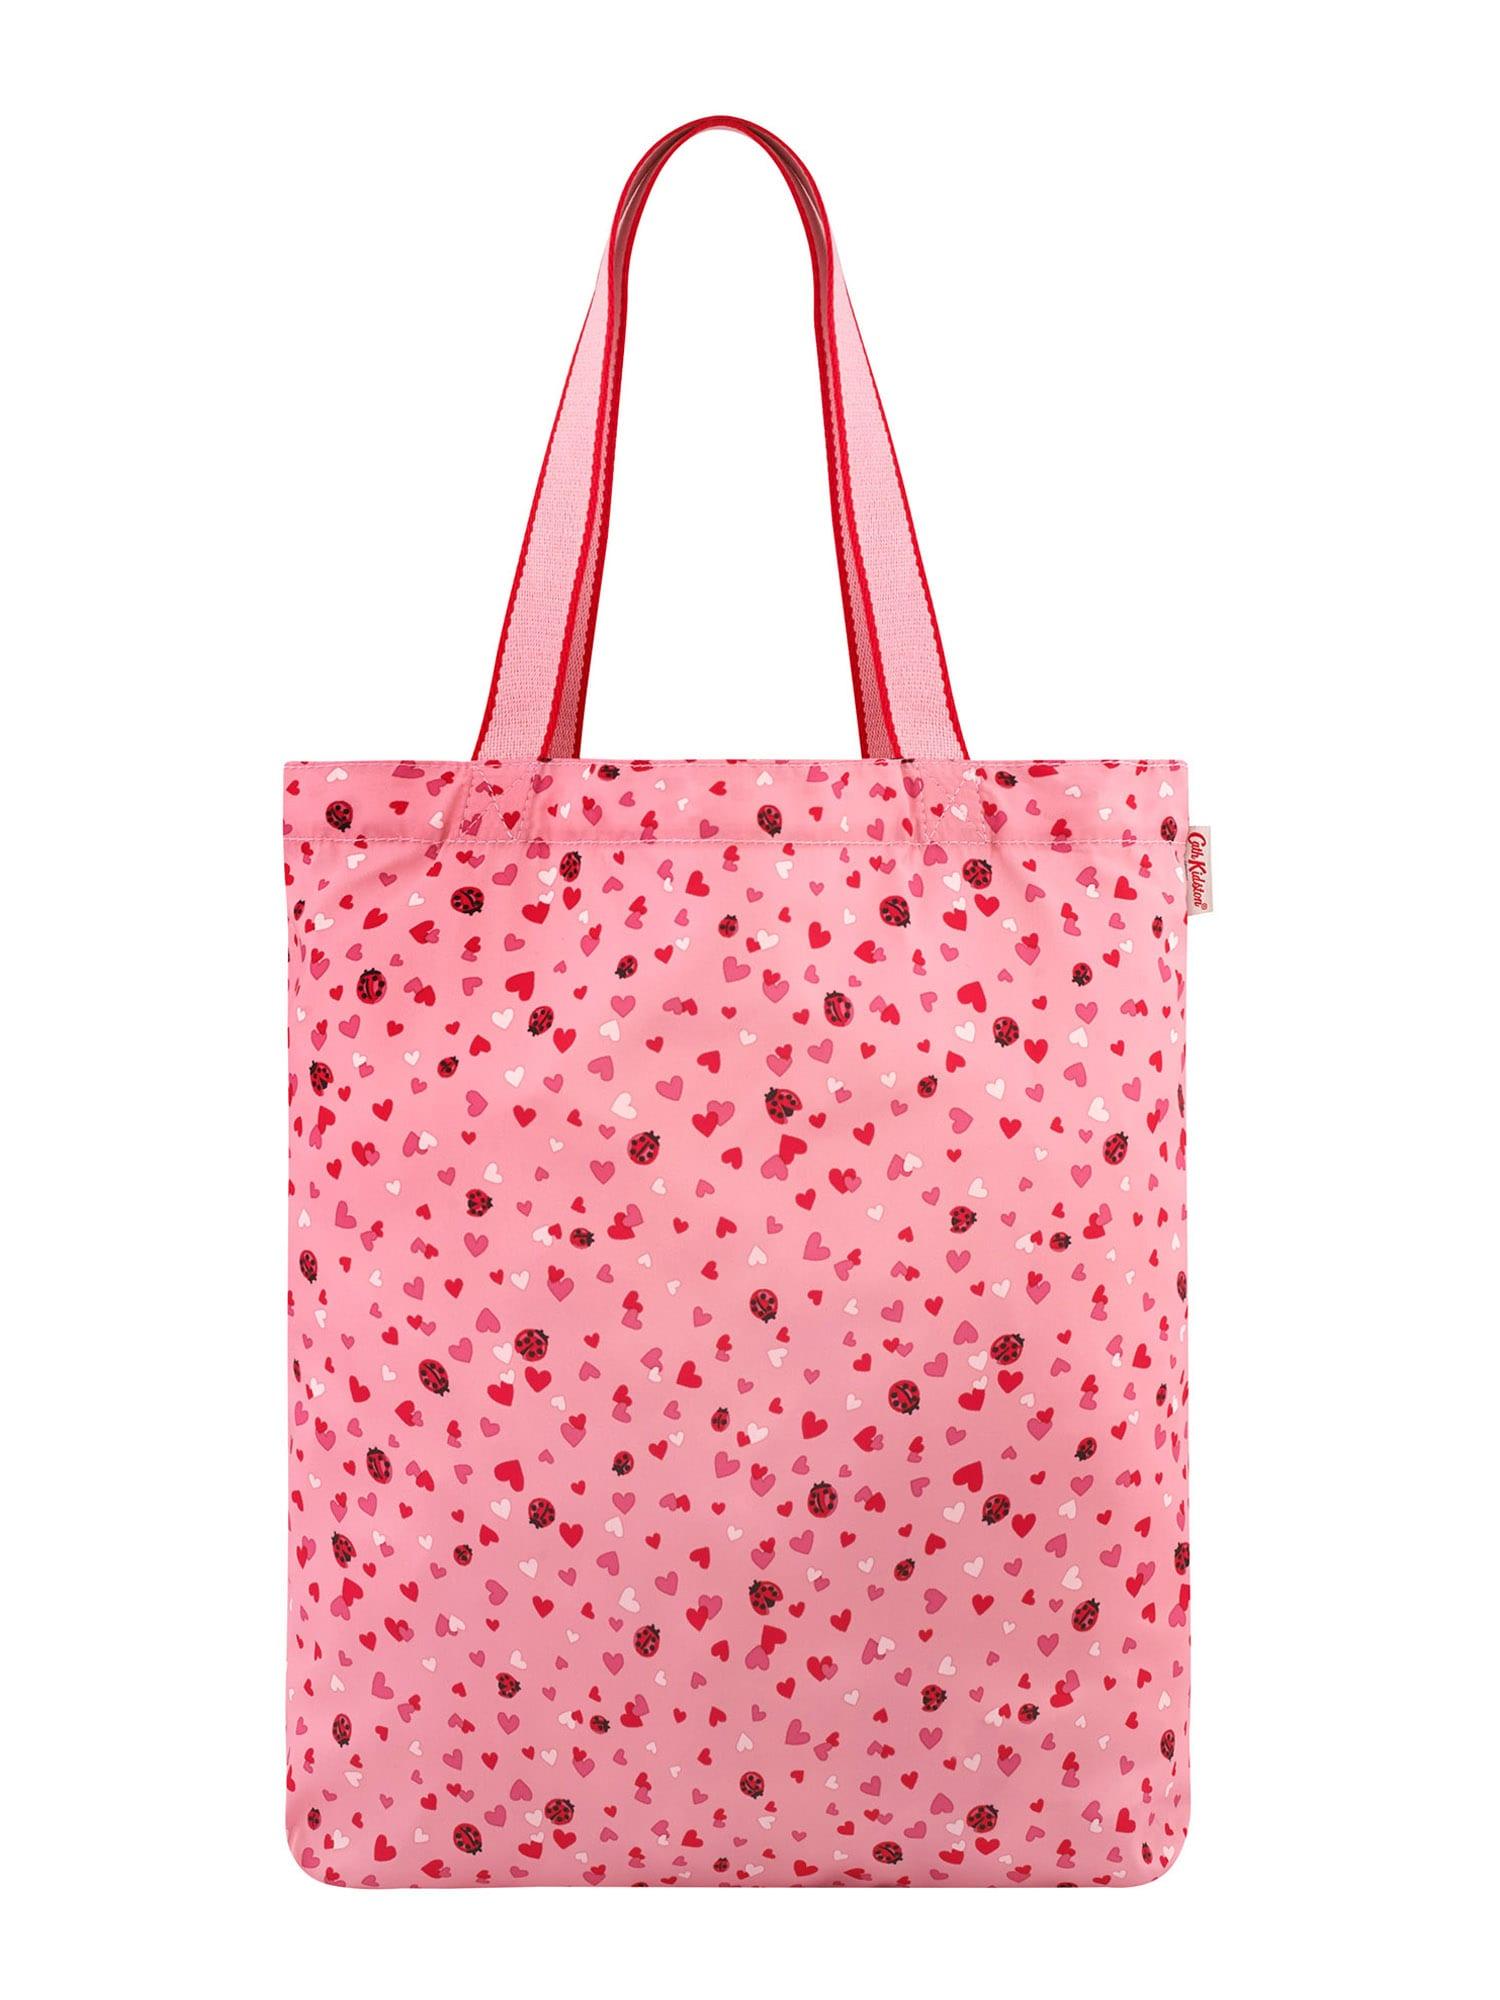 Cath Kidston Pirkinių krepšys rožių spalva / raudona / balta / rožinė